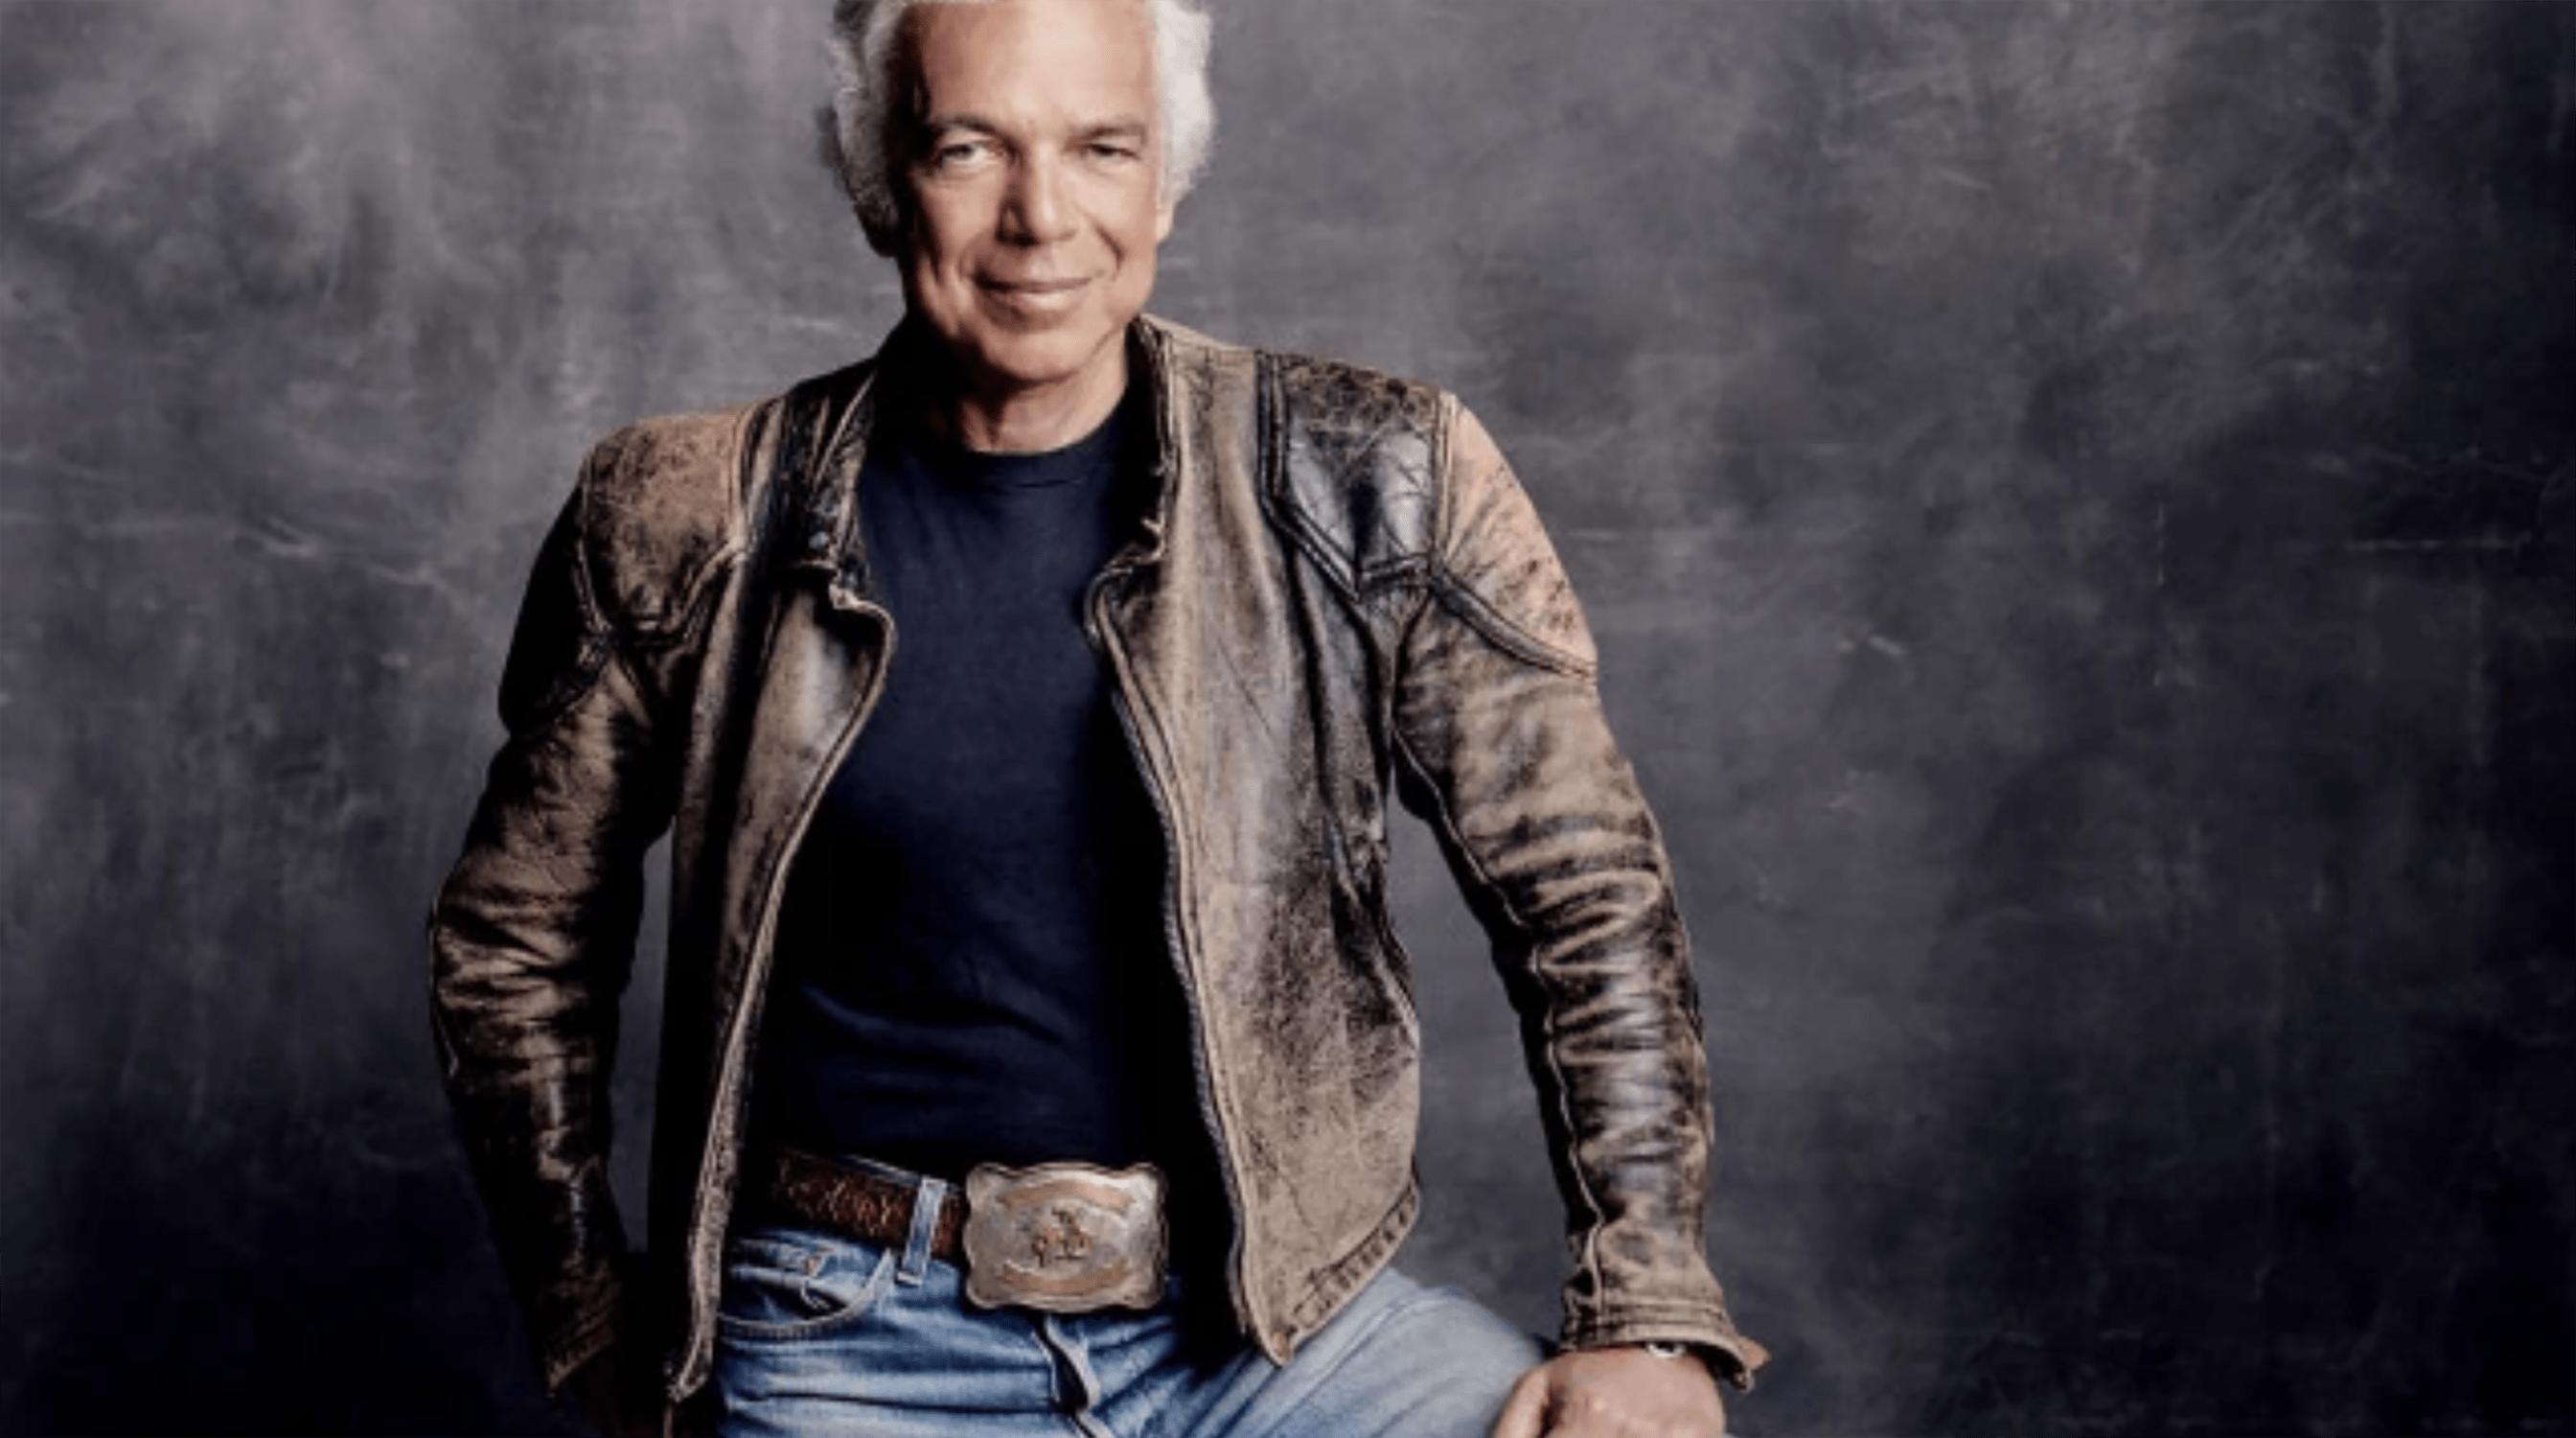 ralph lauren in leather jacket